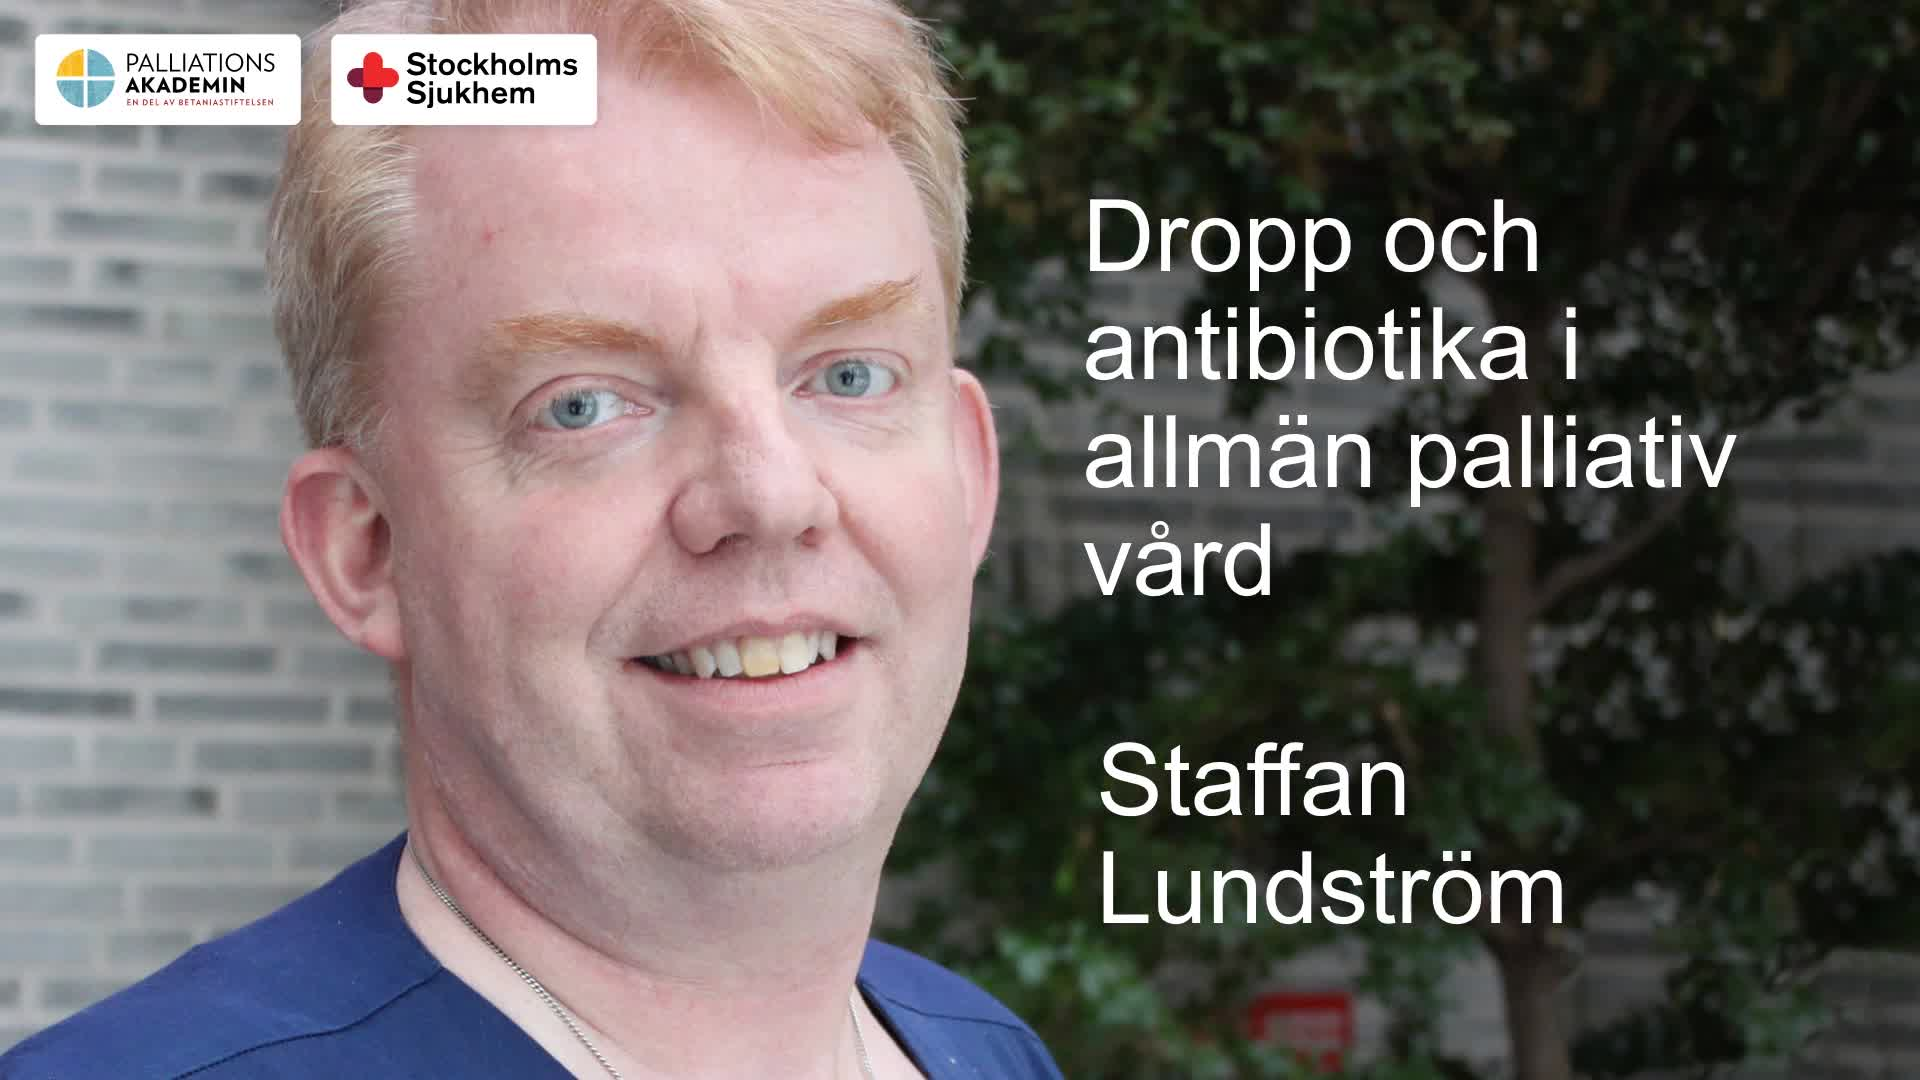 Dropp och antibiotika i palliativ vård